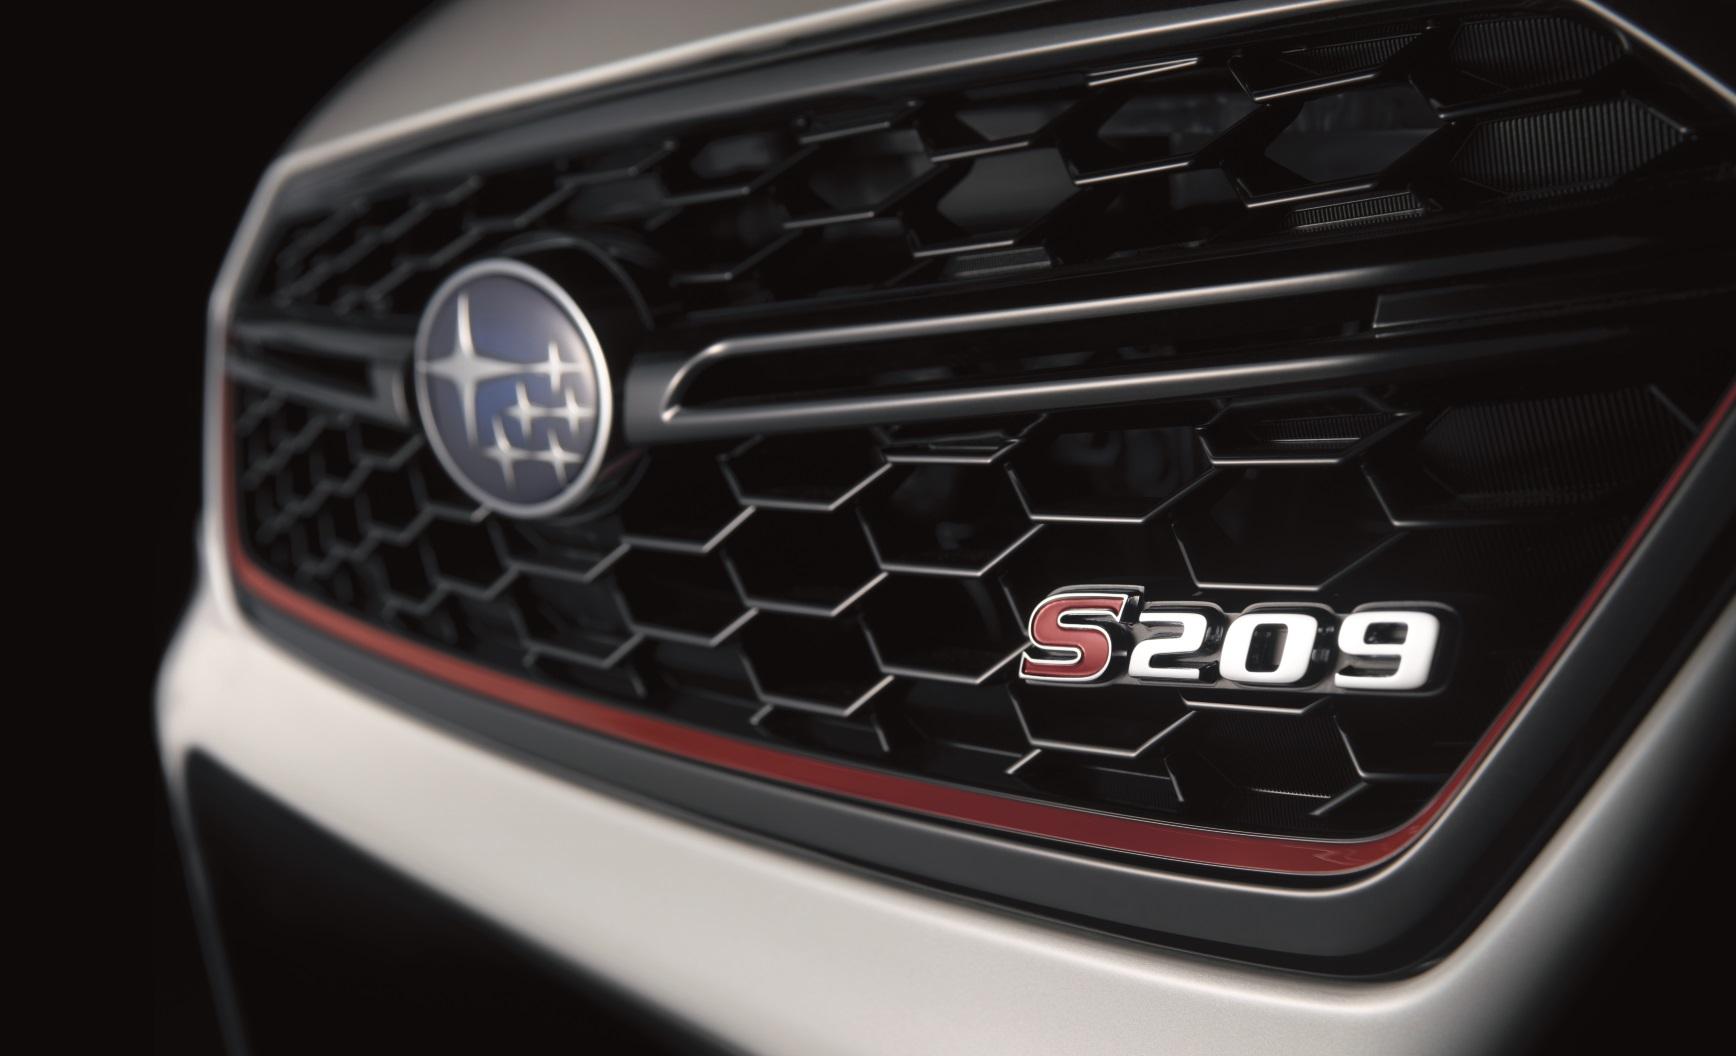 「【デトロイトモーターショー2019】抽選販売必至!? STIがコンプリートカー「S209」をワールドプレミア」の4枚目の画像